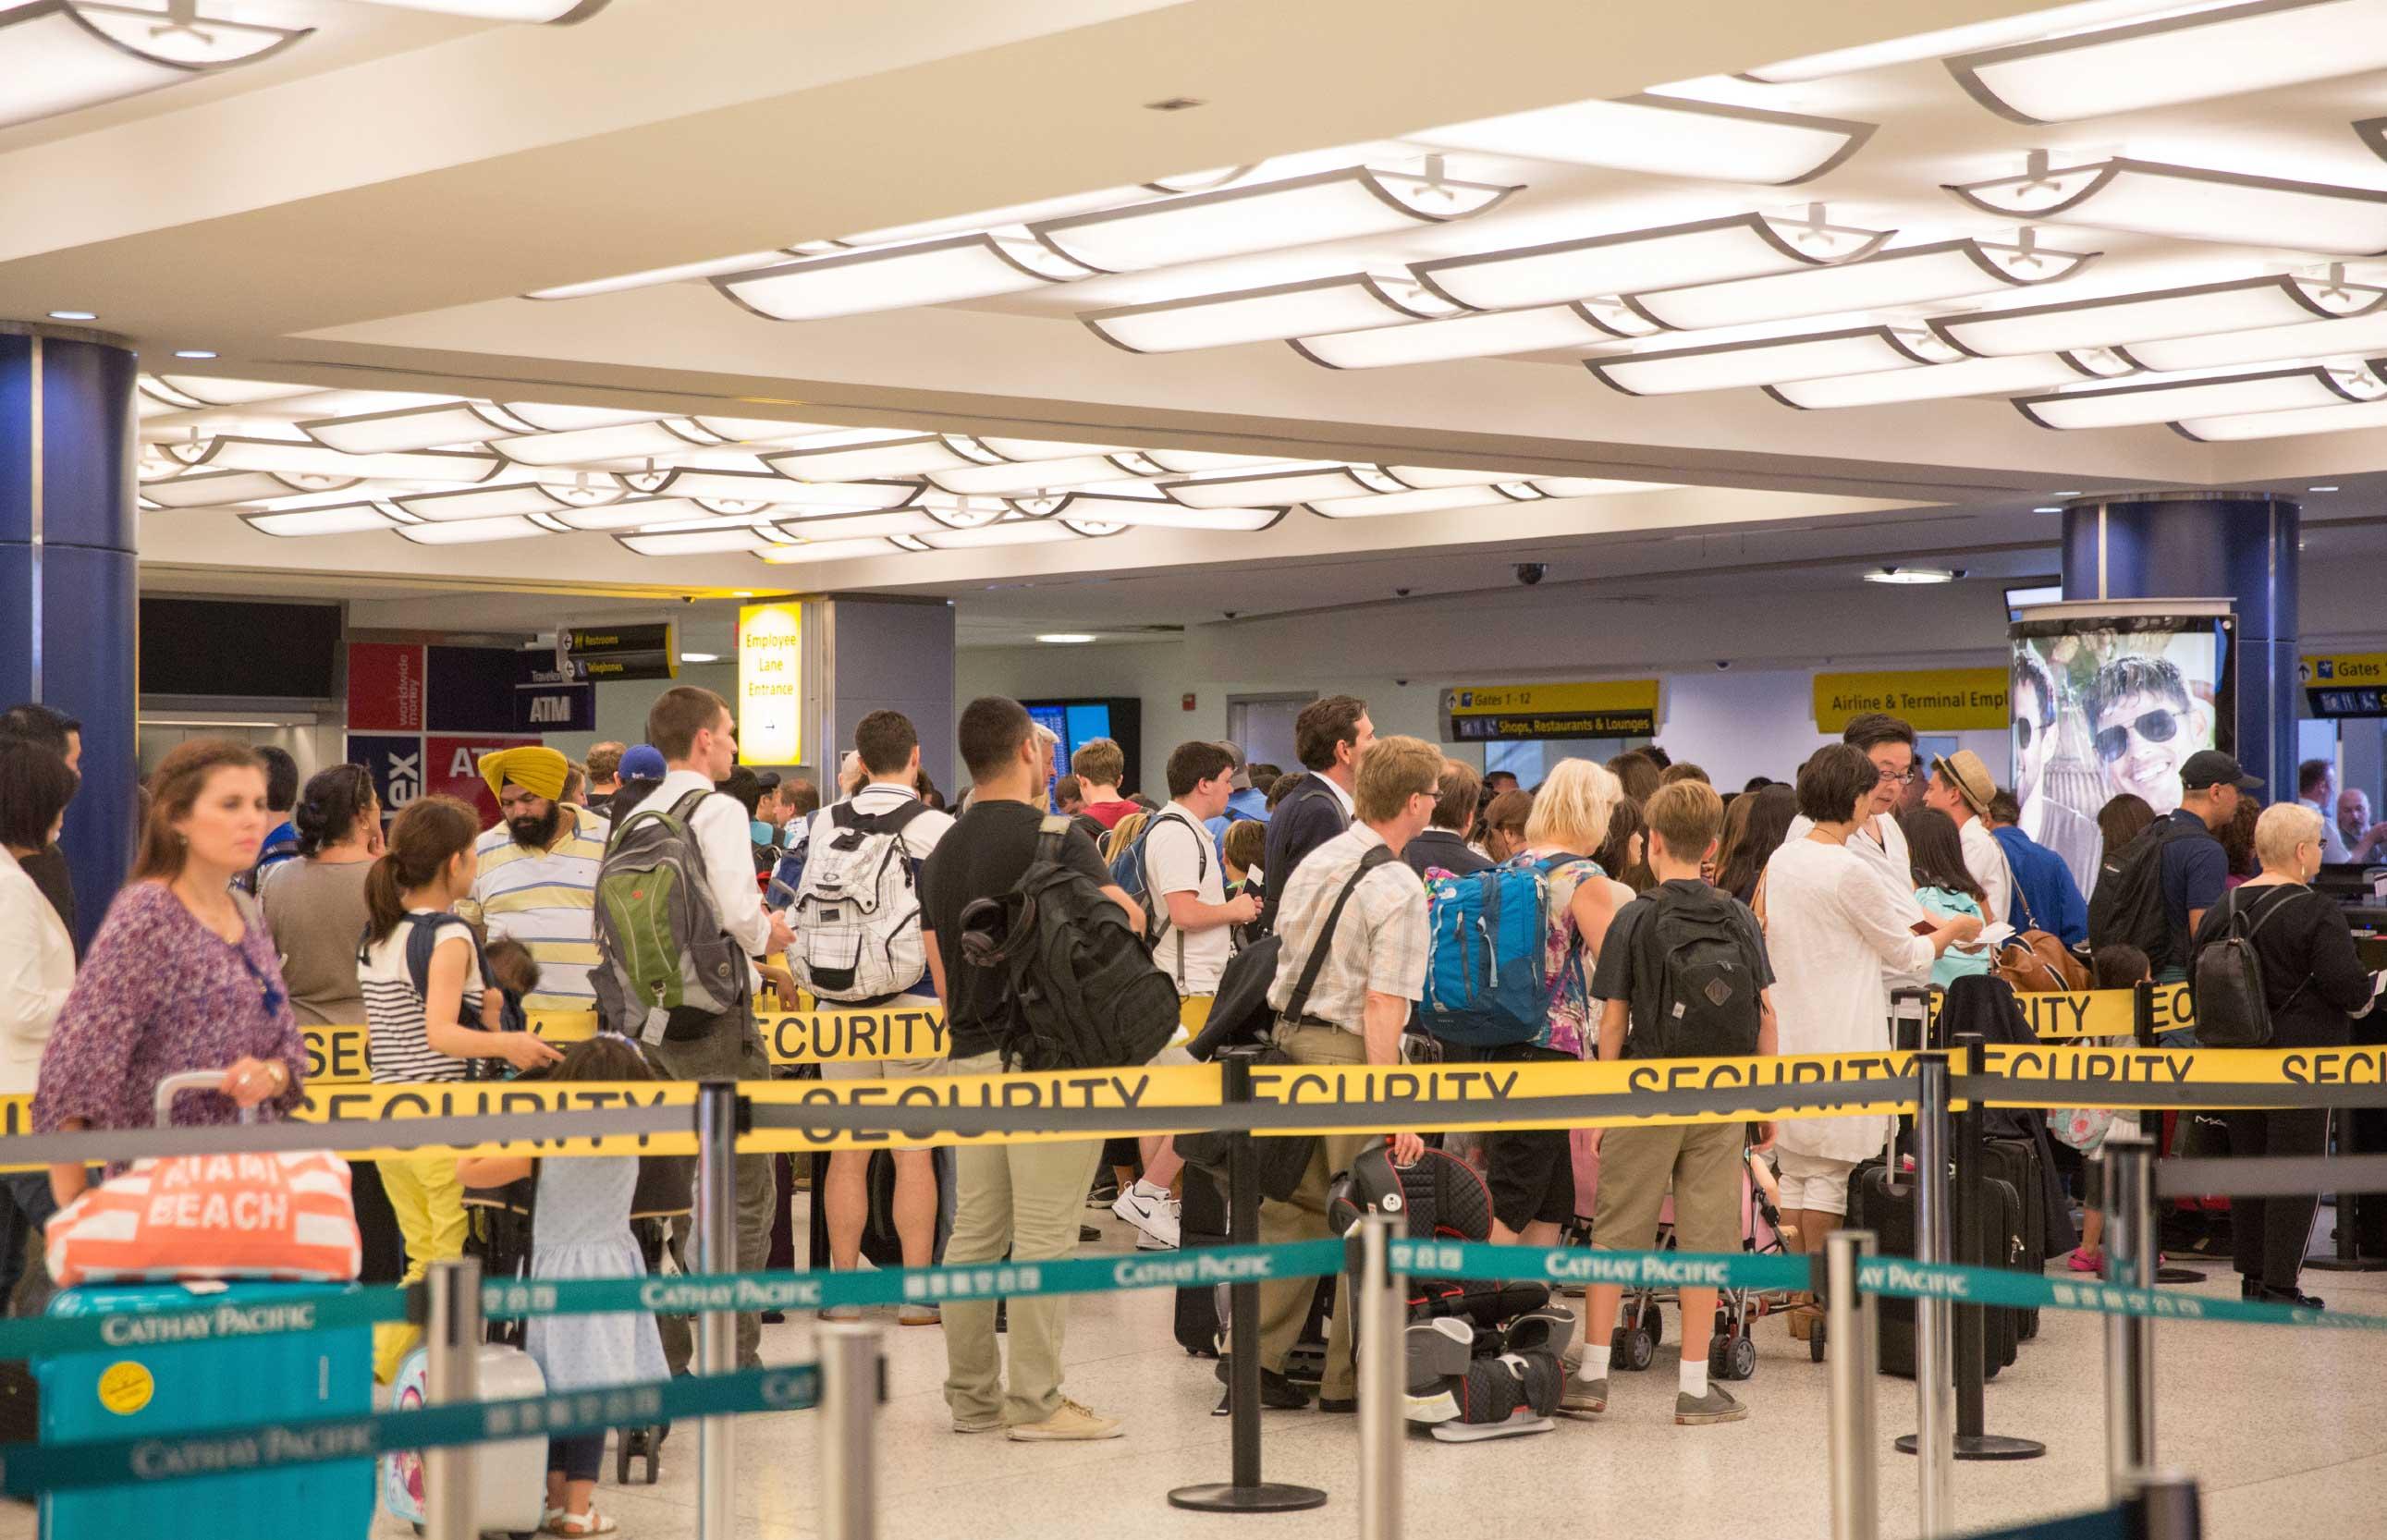 skip-long-TSA-lines